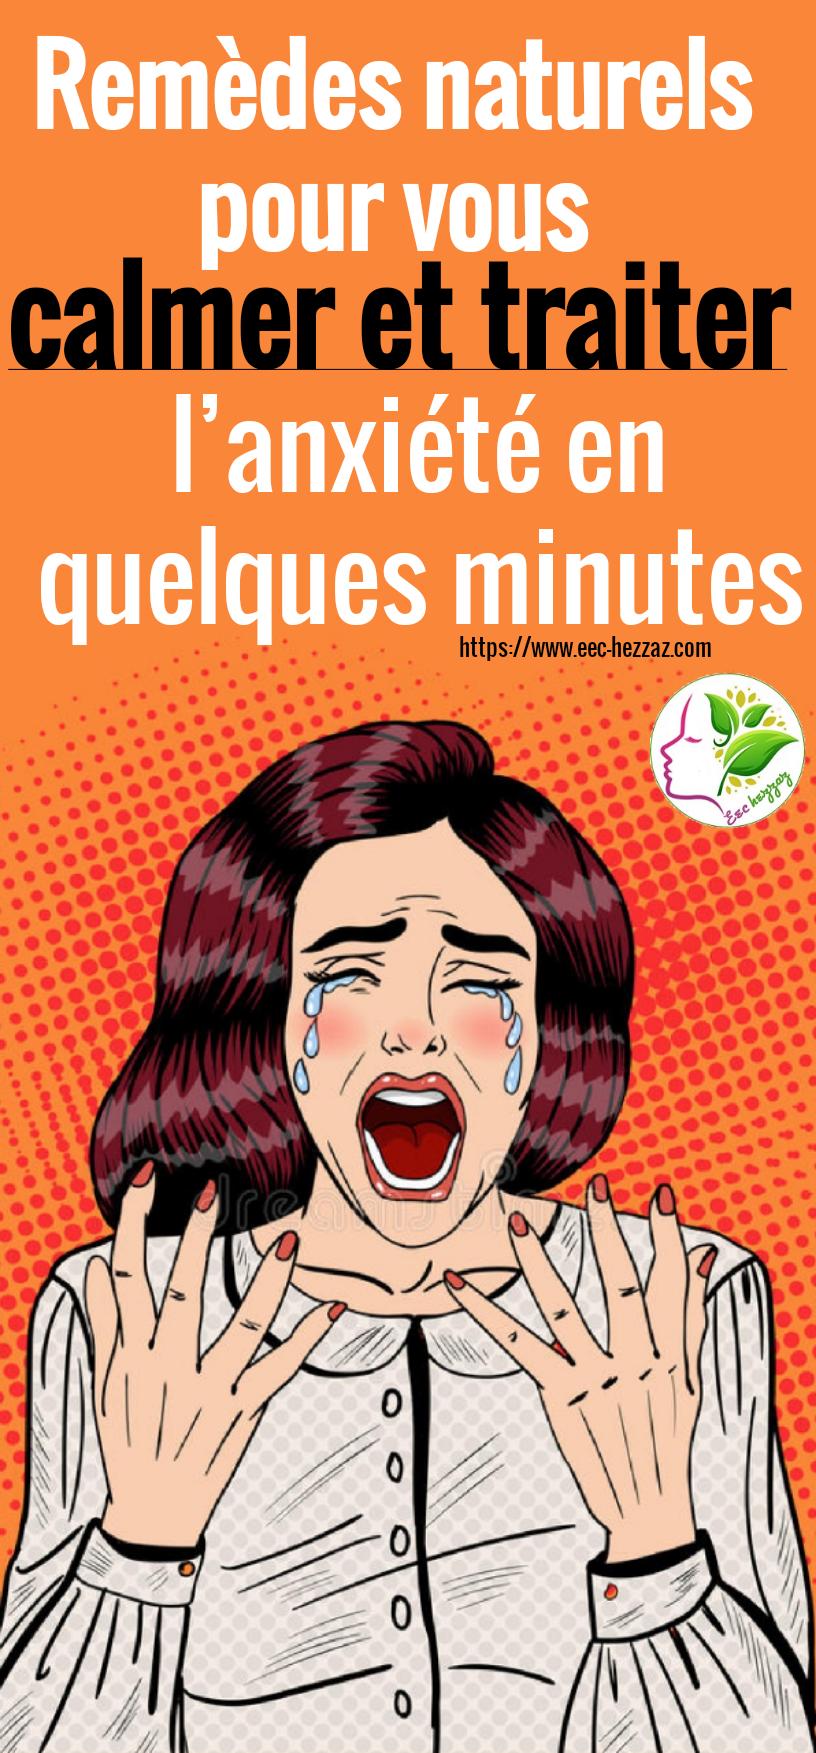 Remèdes naturels pour vous calmer et traiter l'anxiété en quelques minutes